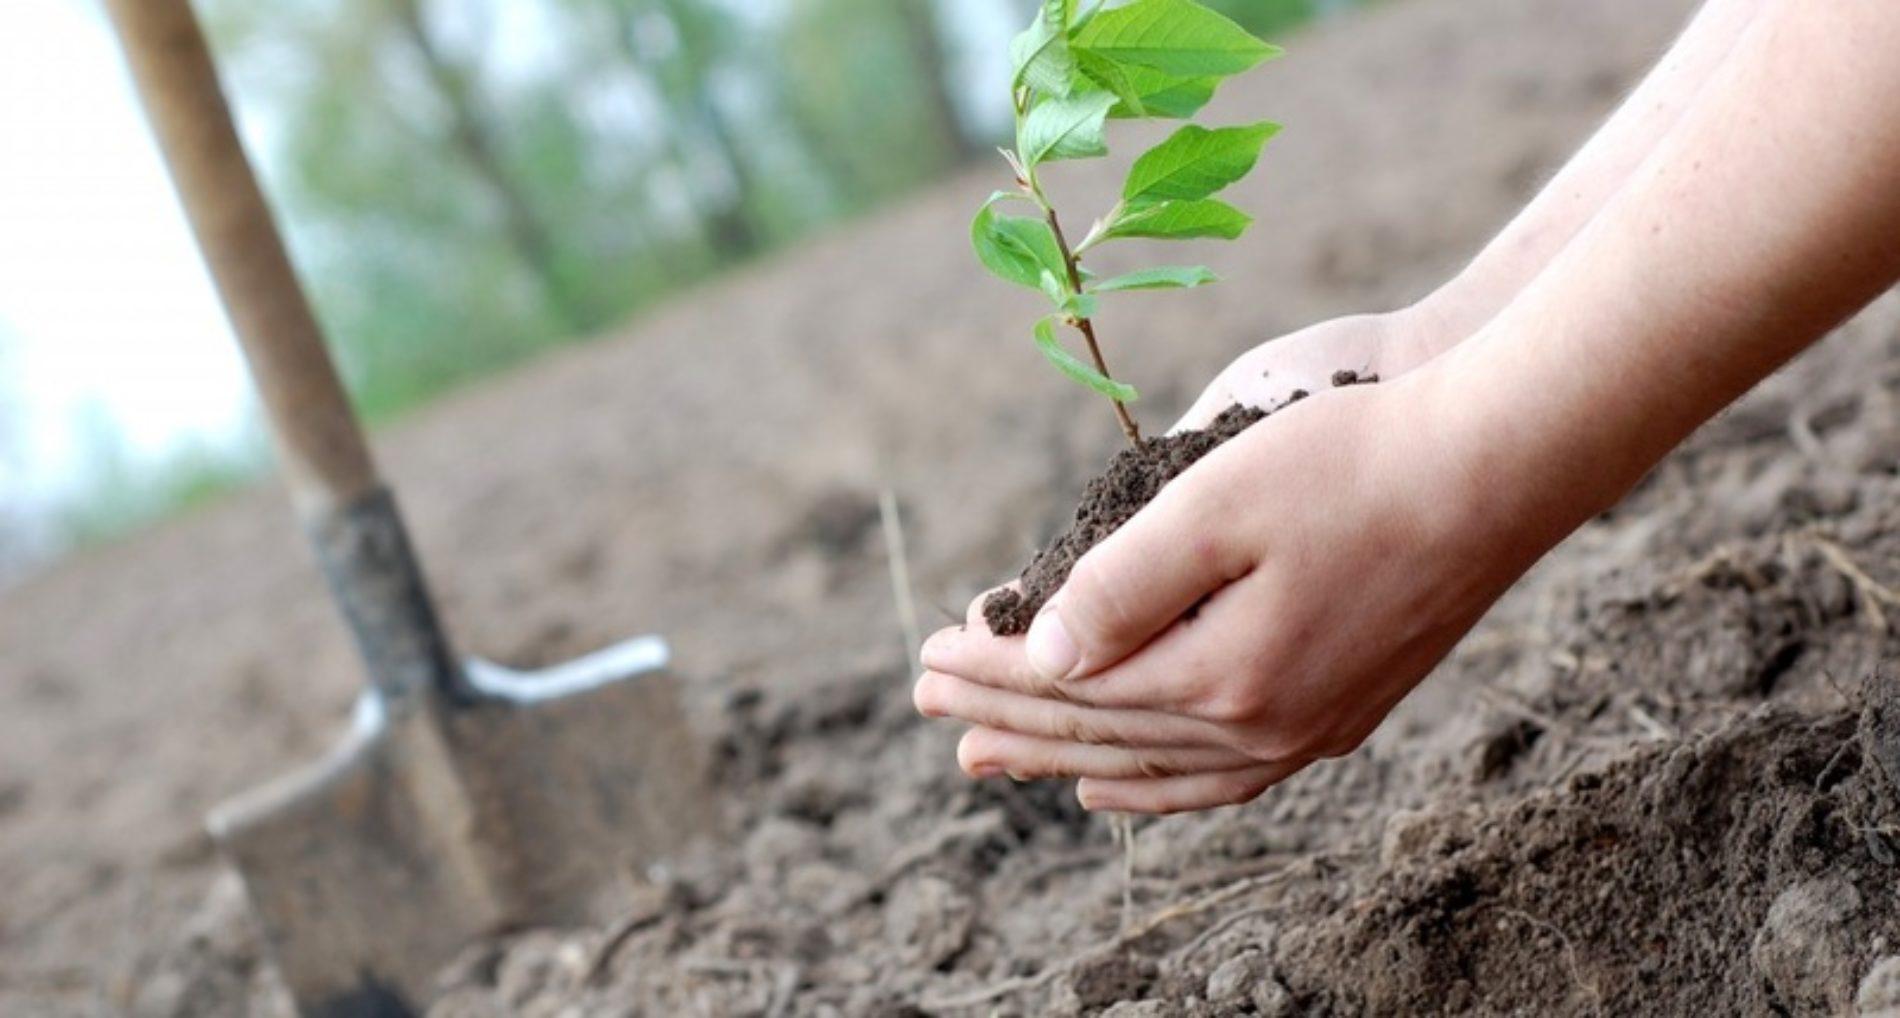 Município de Oliveira do Hospital entrega 120 mil árvores autóctones para ações de reflorestação